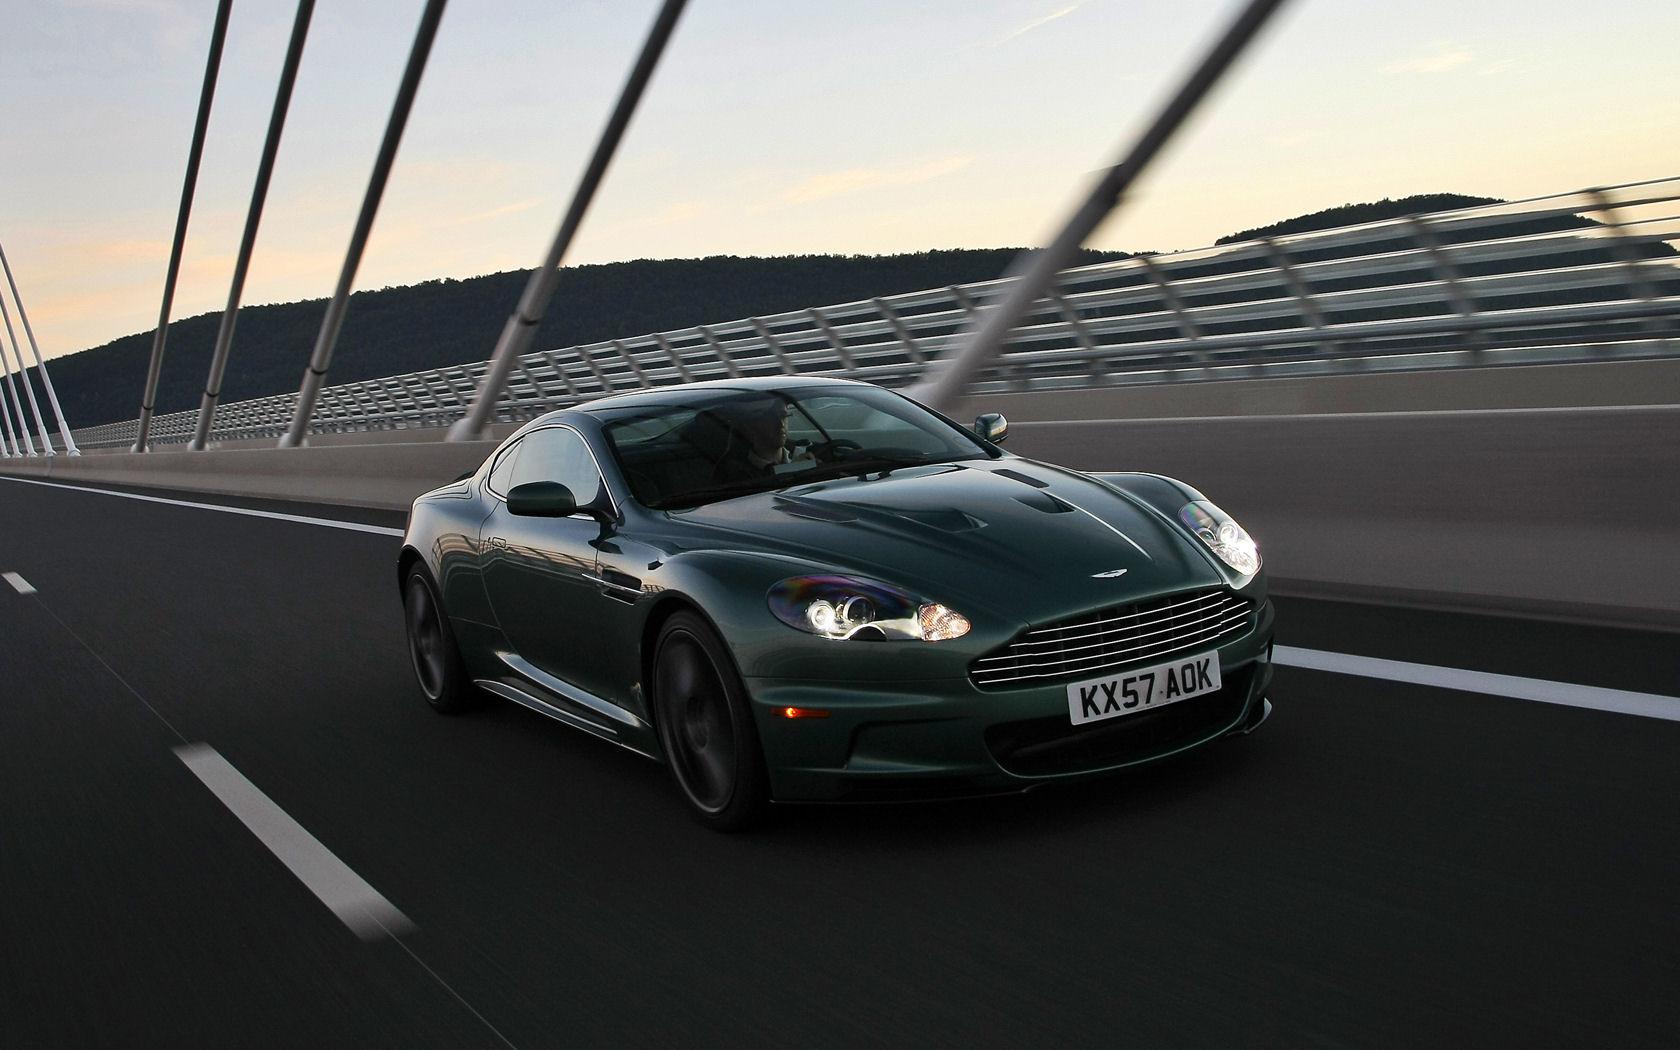 Aston martin dbs v12 coupe volante convertible free widescreen aston martin dbs desktop wallpaper publicscrutiny Image collections